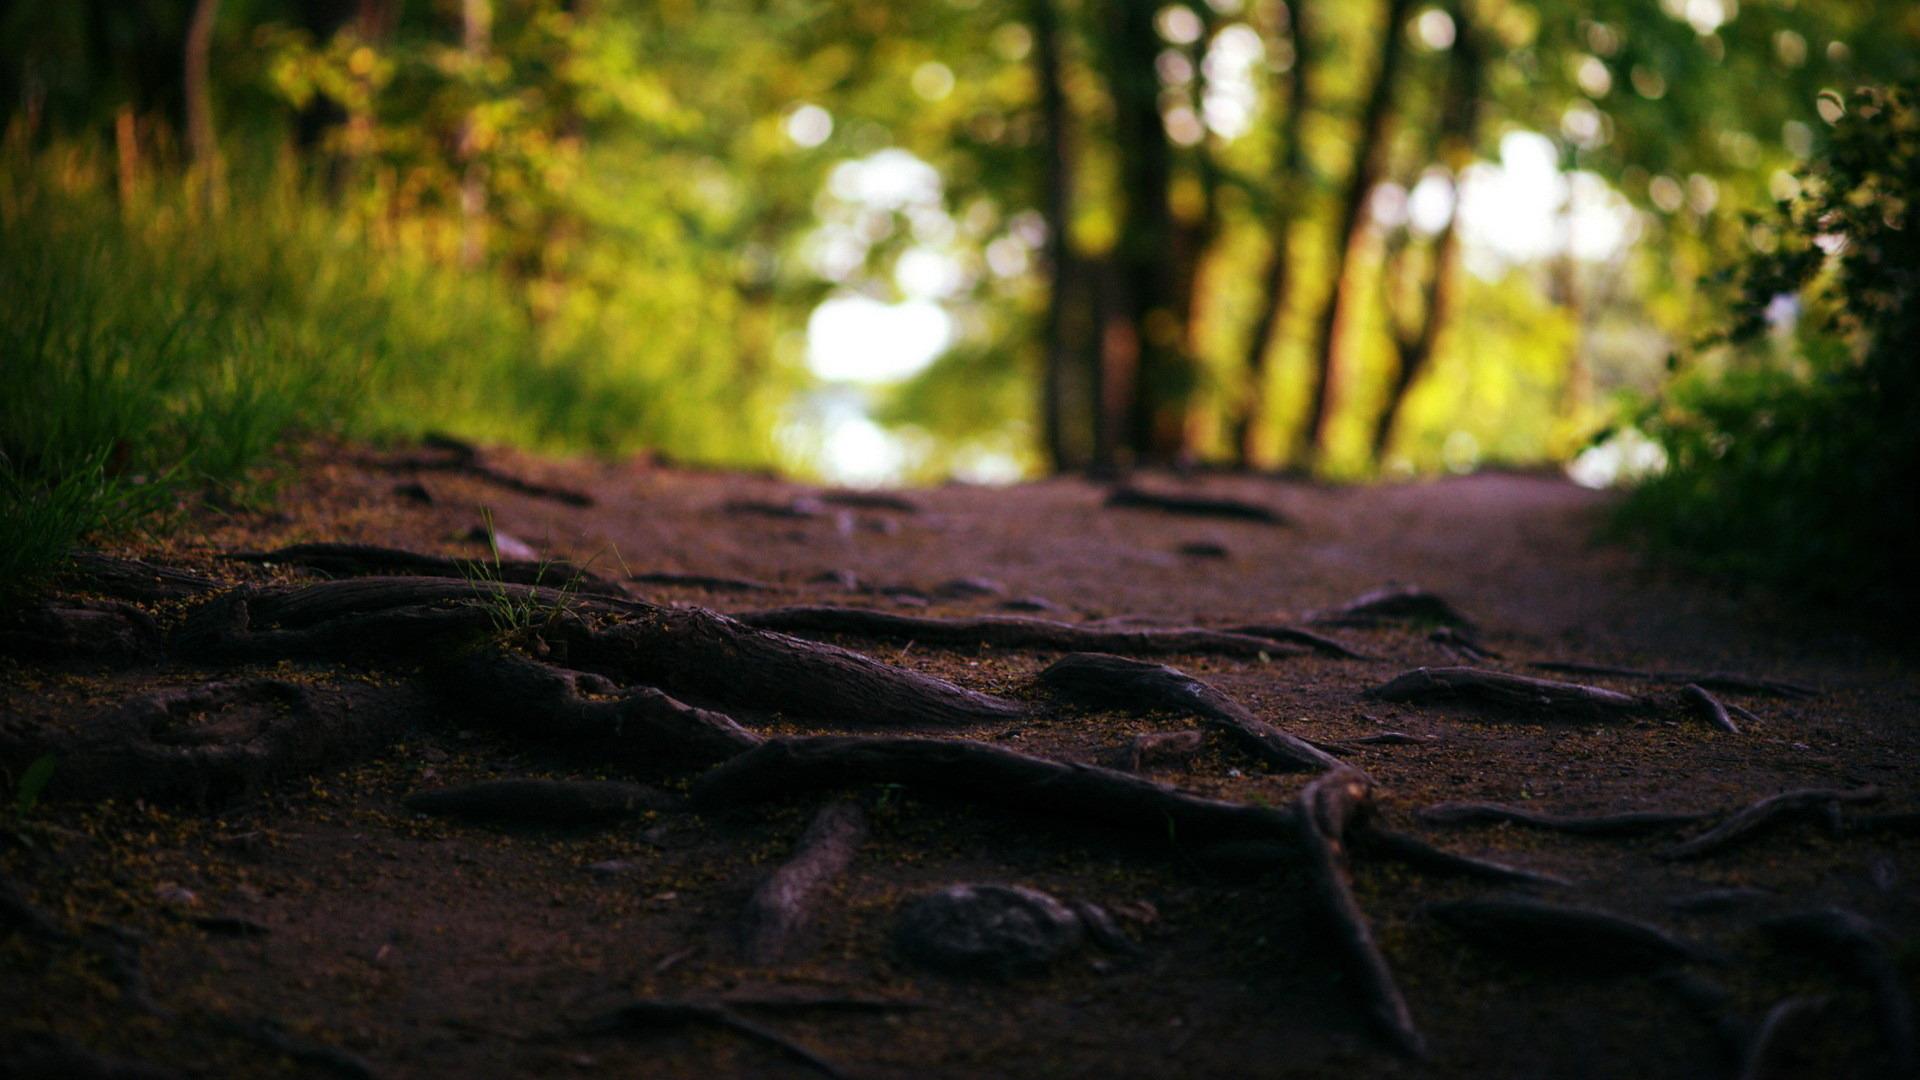 Les problèmes et risques liés aux racines d'un arbre